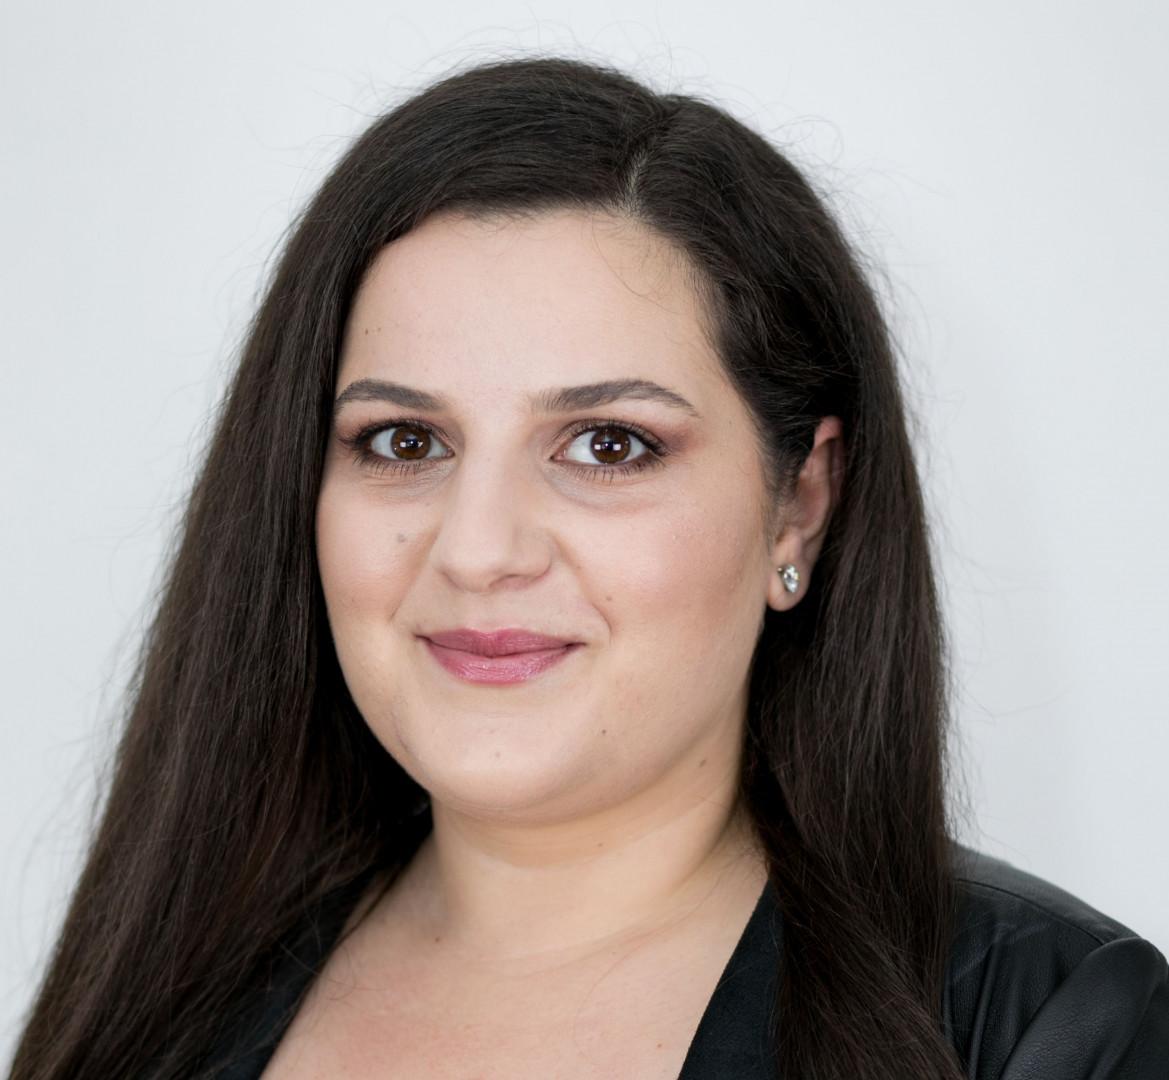 Melissa Beirouti